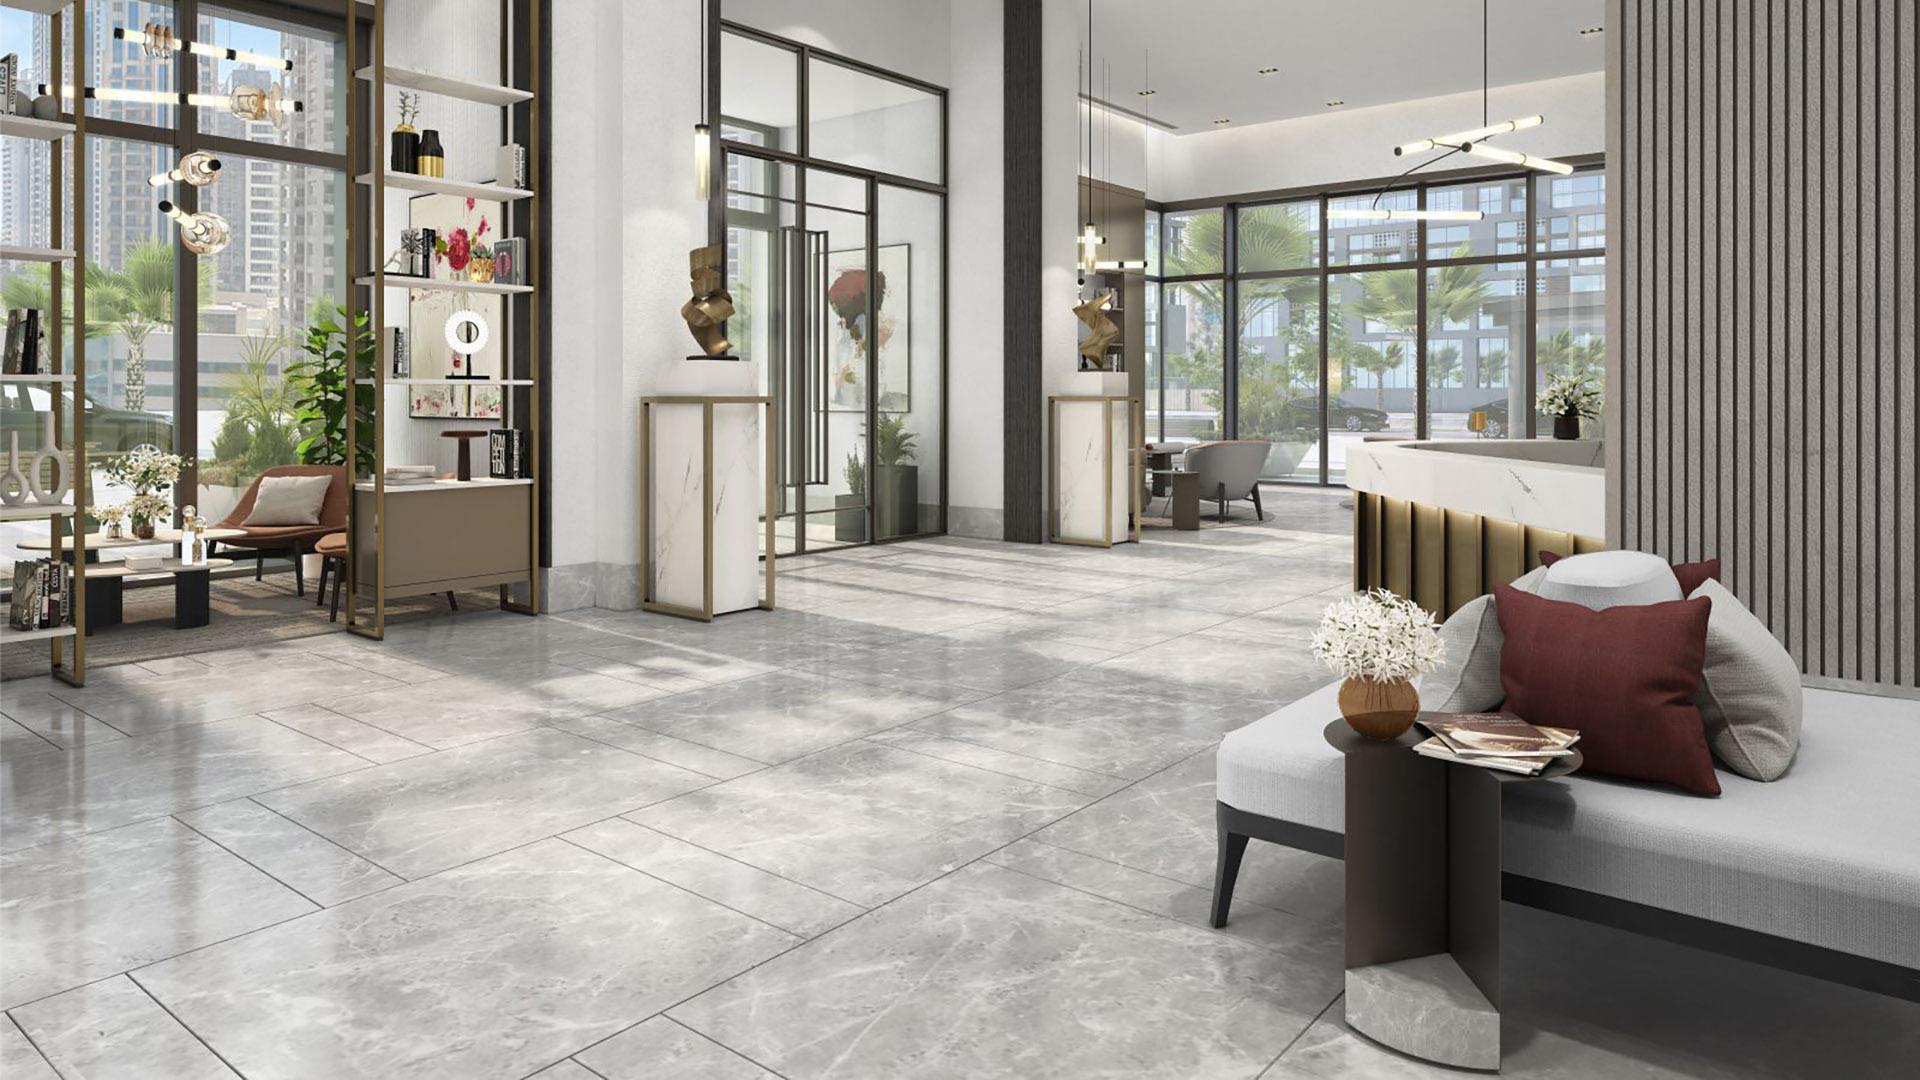 Apartamento en venta en Dubai, EAU, 3 dormitorios, 125 m2, № 23883 – foto 4